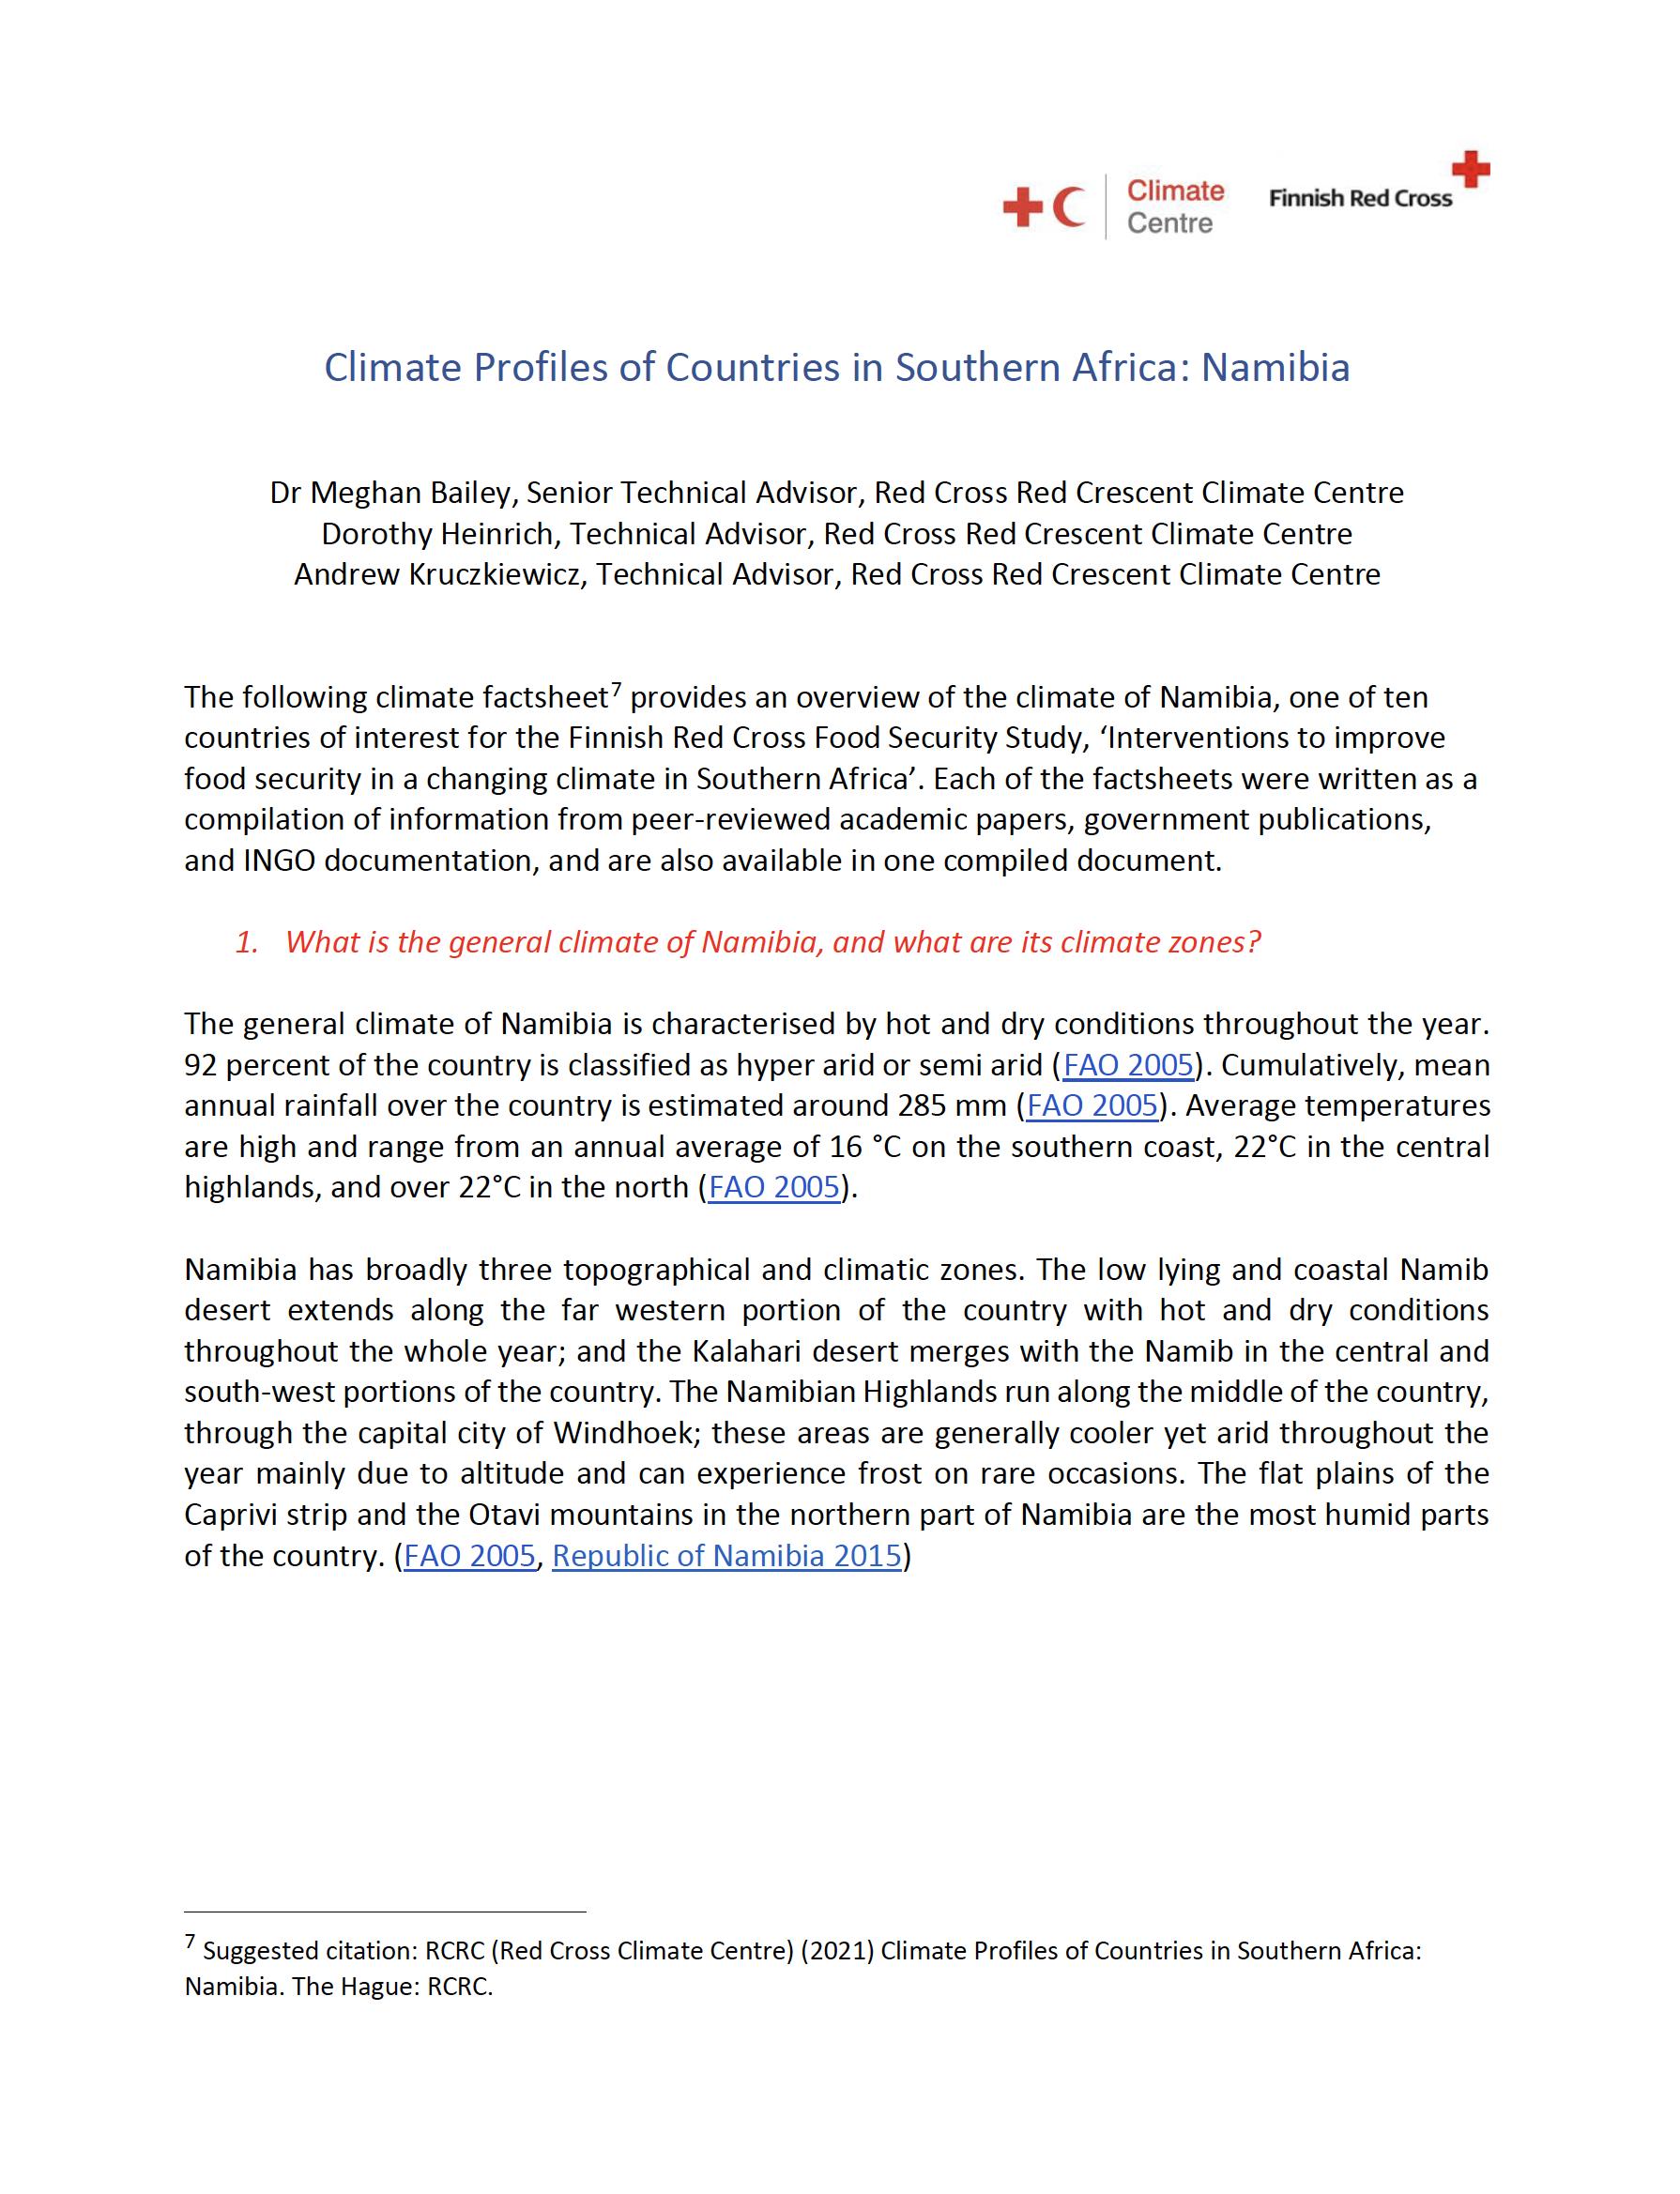 Climate Factsheet Namibia